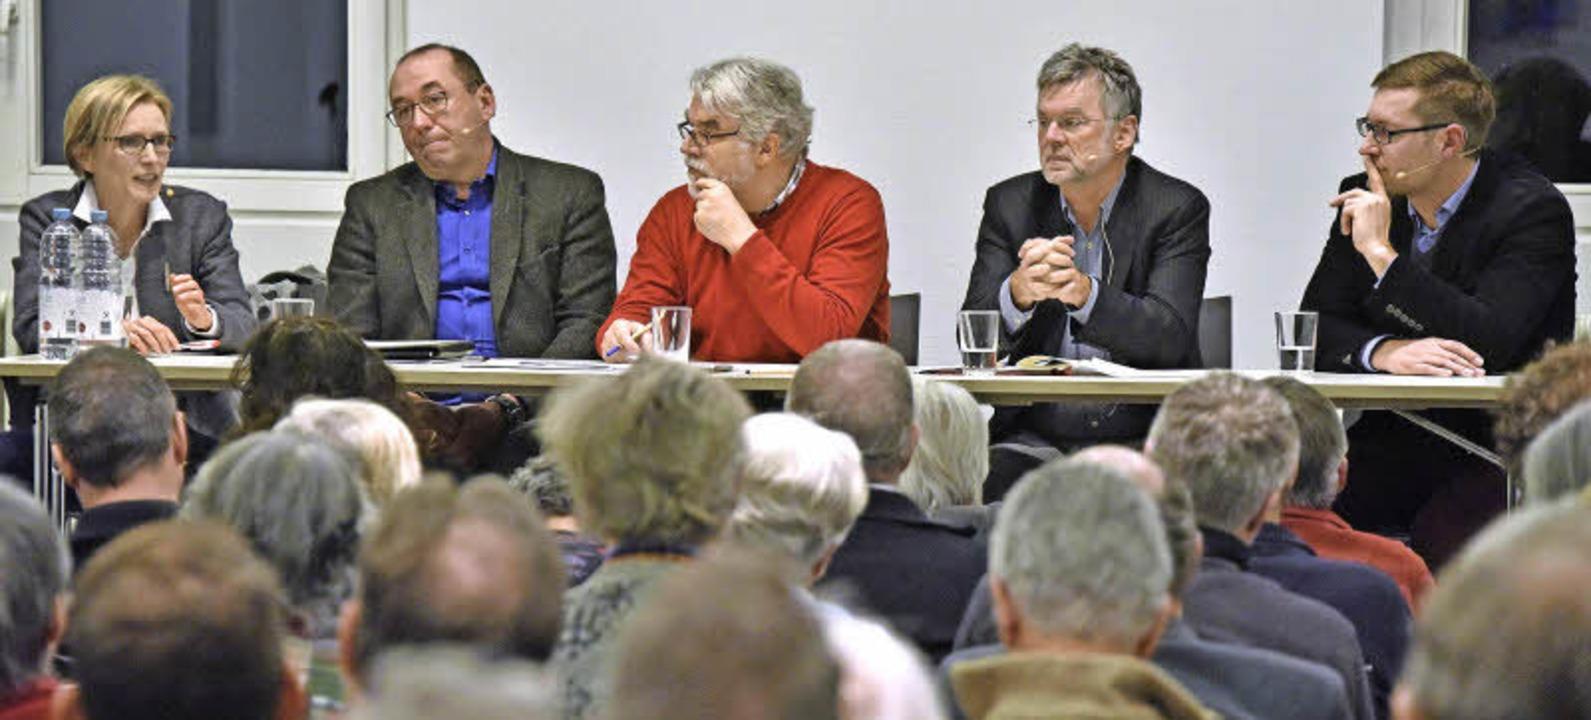 Erhalt oder Abriss: Architektin Ebba Z...esdenkmalamt) diskutieren (von links).  | Foto: m. Bamberger